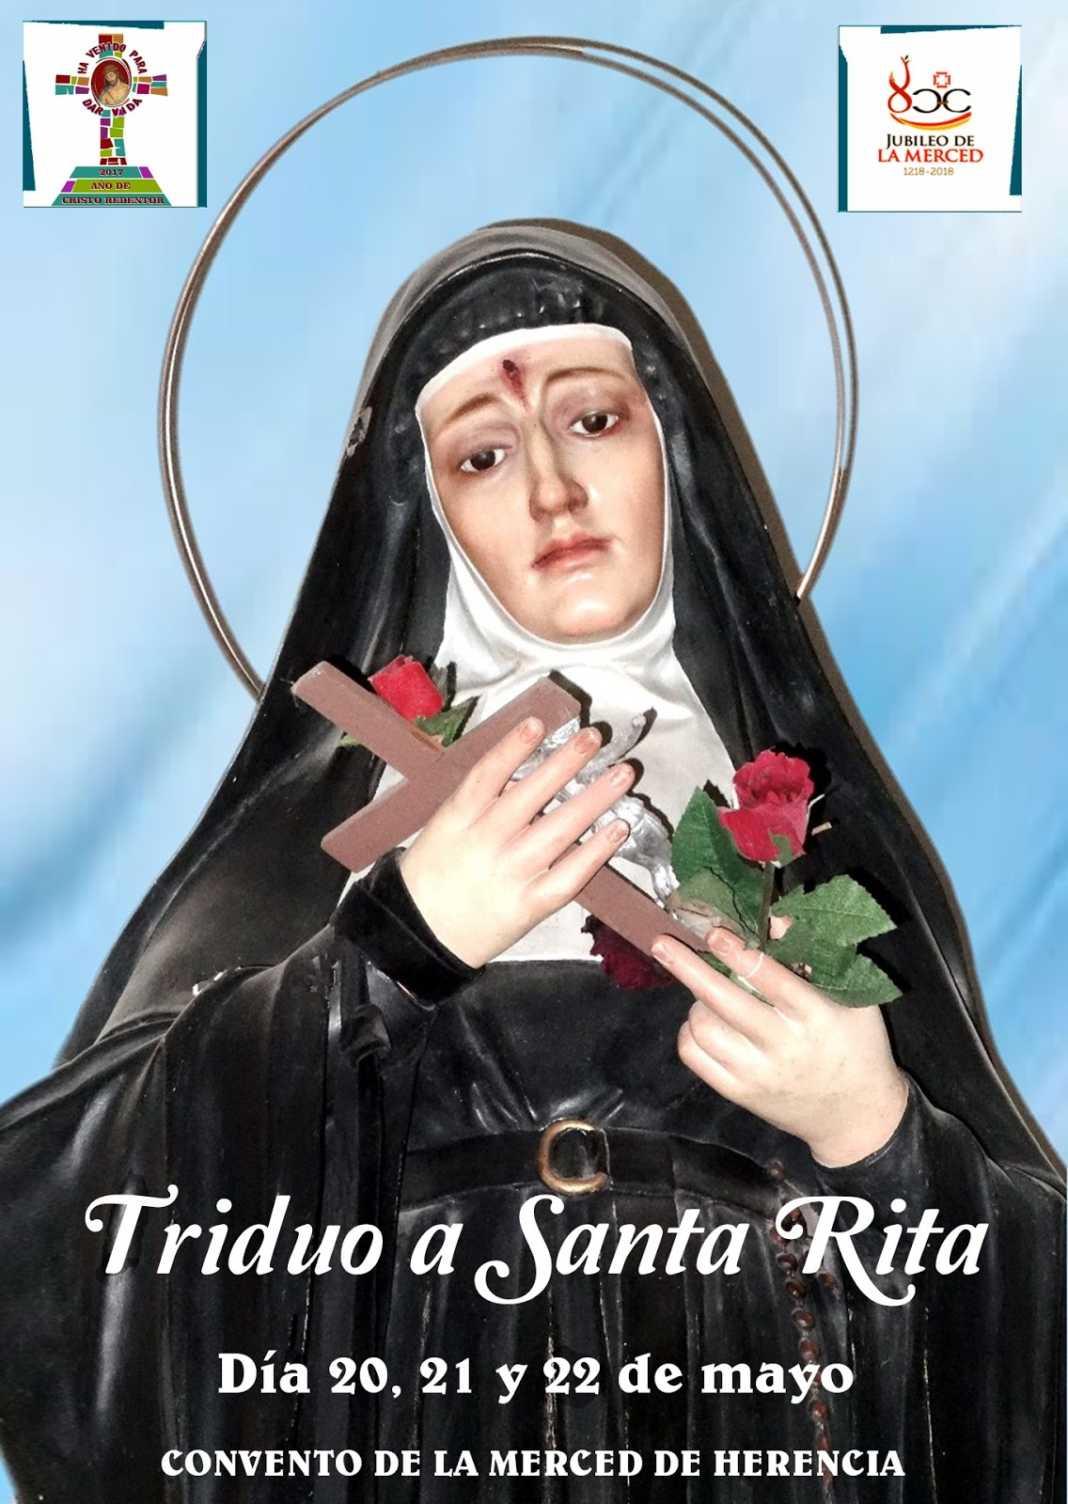 Triduo en honor a Santa Rita 2